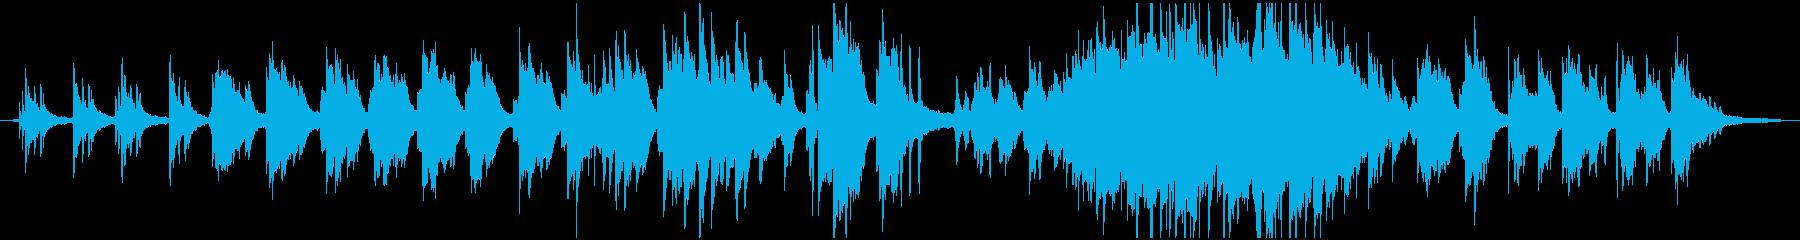 静かに強く思いを馳せるバラードの再生済みの波形